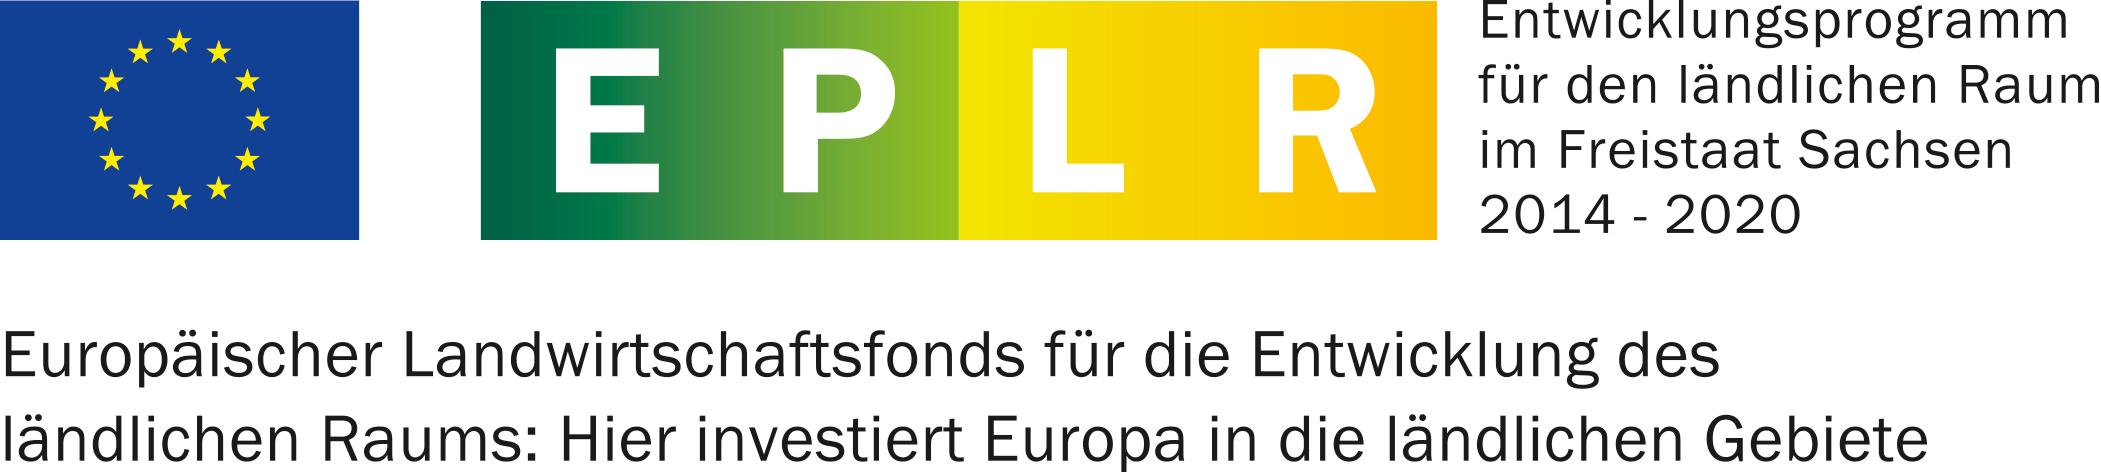 Logo Entwicklungsprogramm für den ländlichen Raum im Freistaat Sachsen